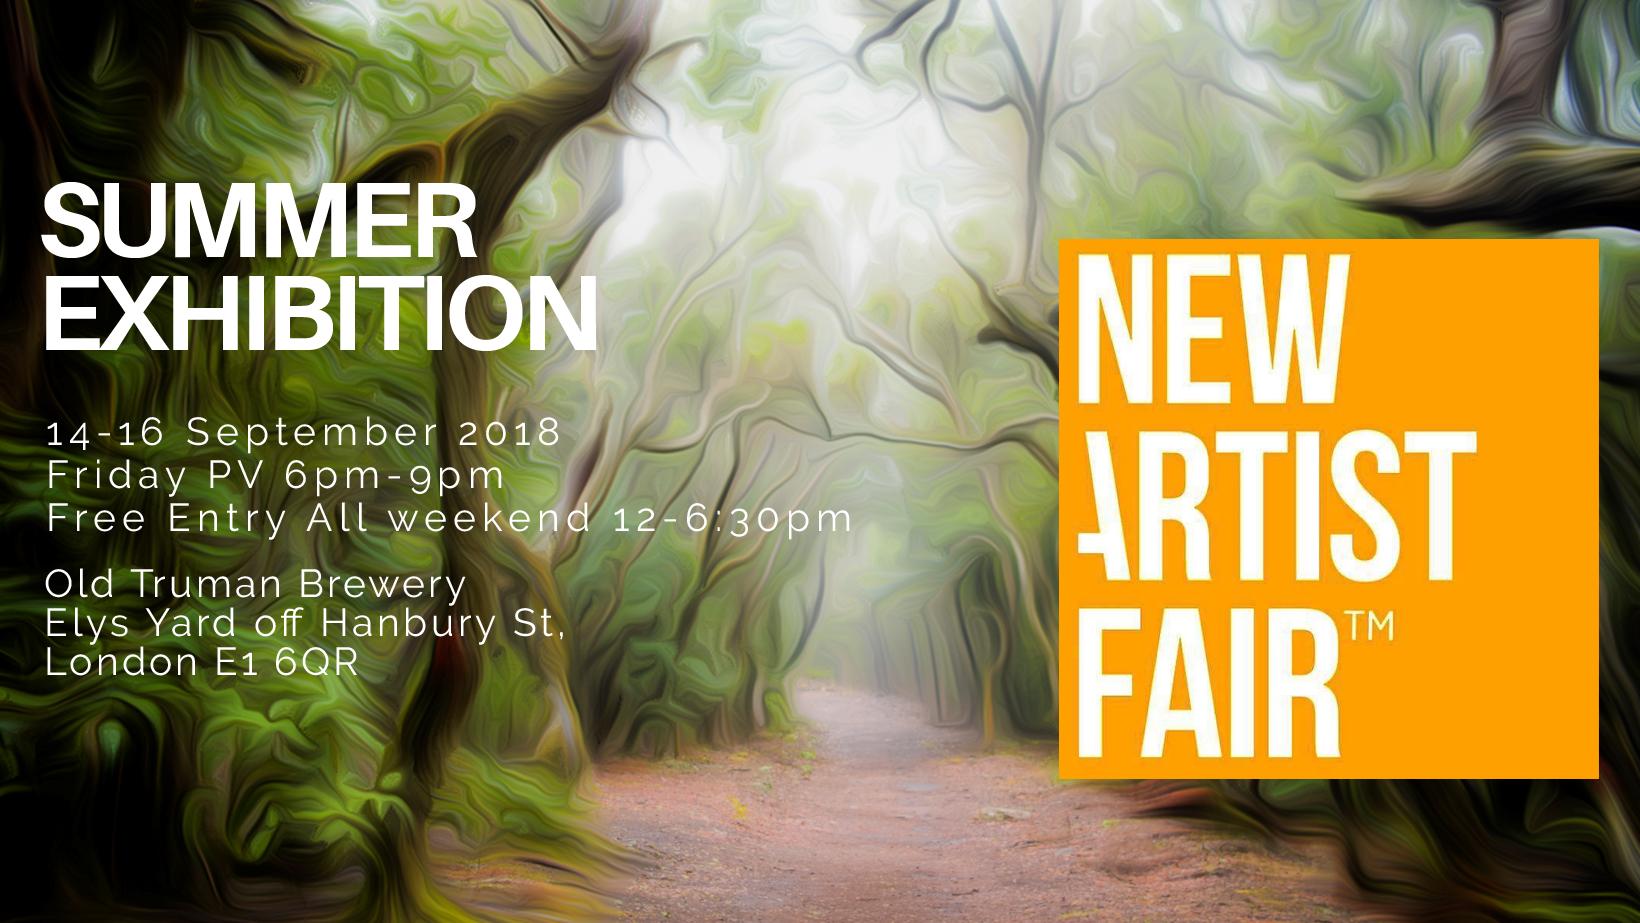 New Artist Fair next weekend :-)